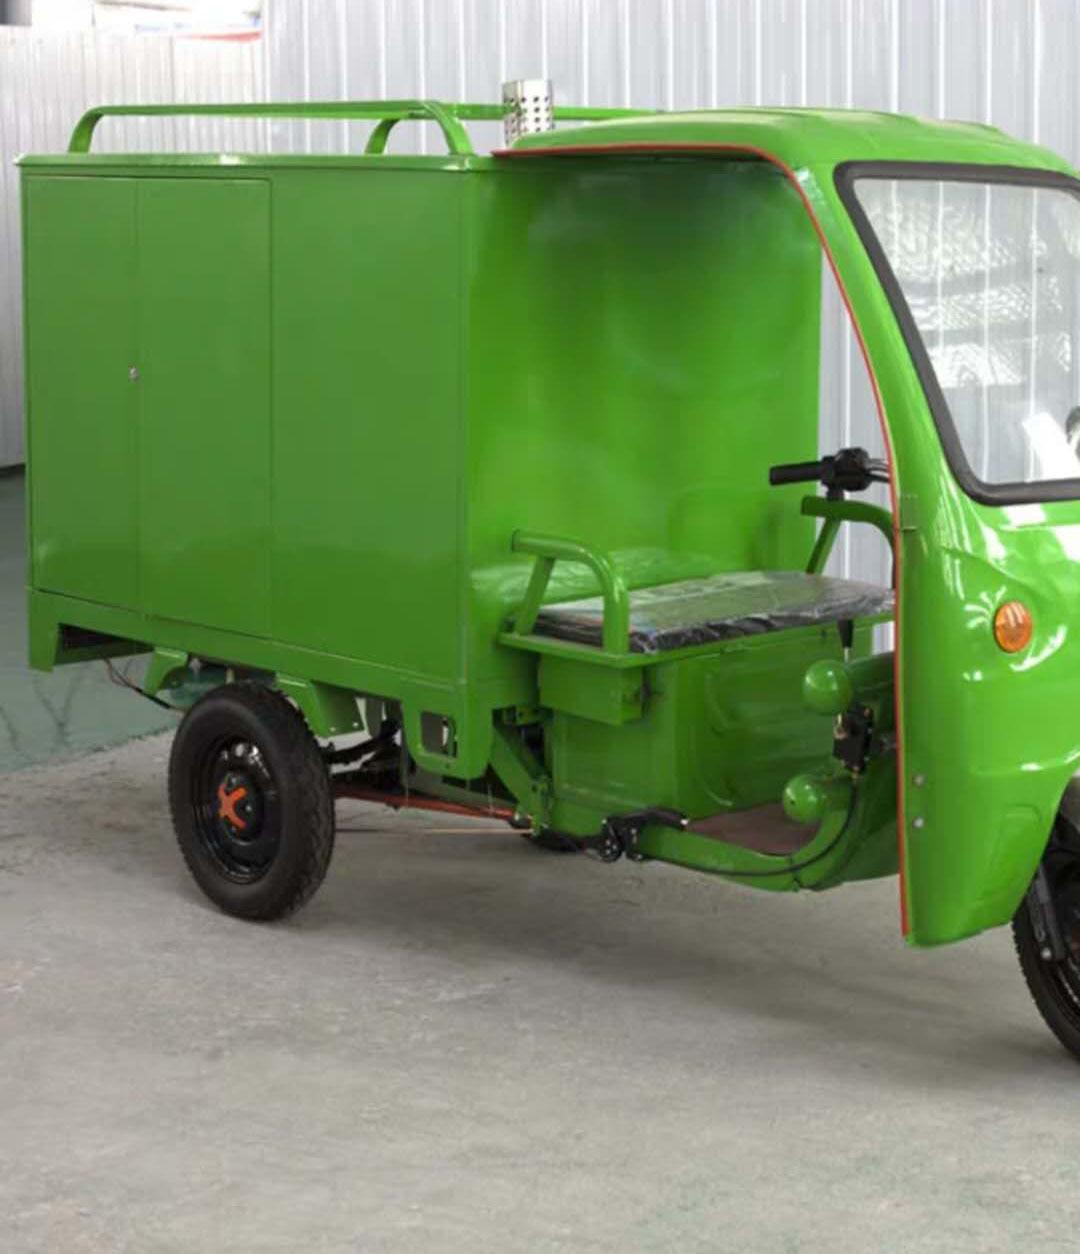 哈尔滨移动蒸汽洗车机哪家好-哈尔滨点绿环保